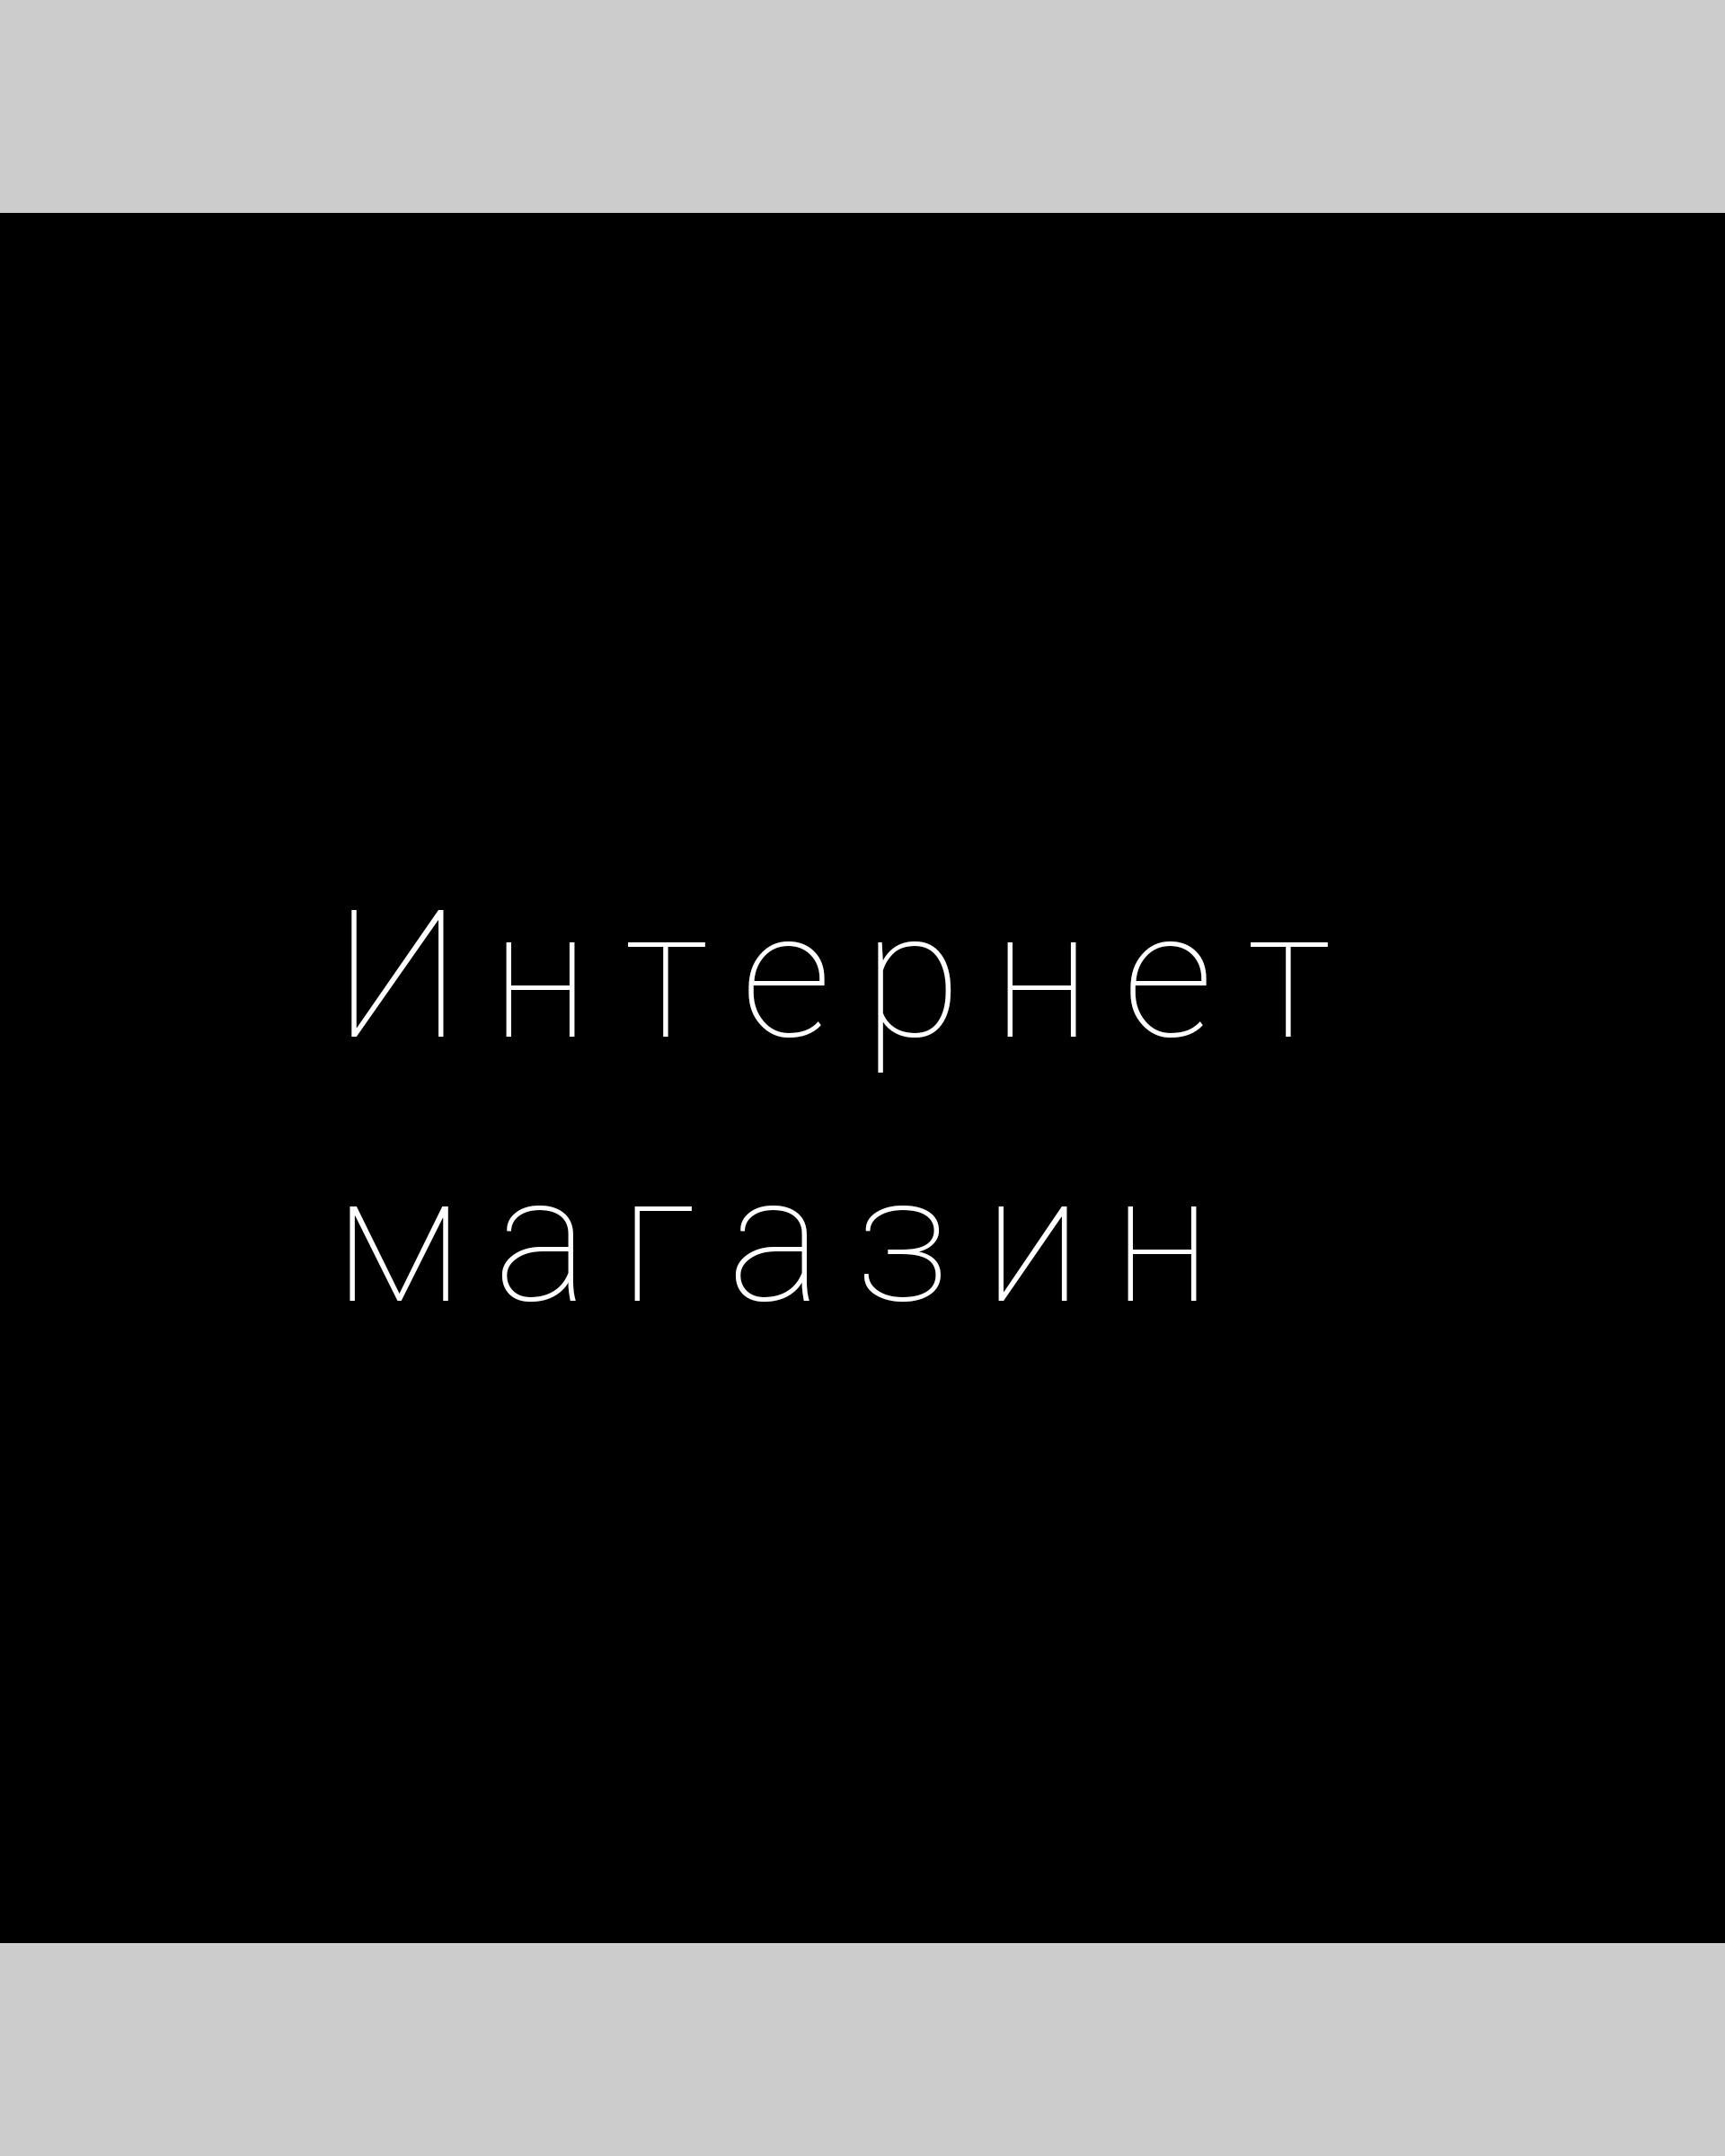 ДАТКА - Бизнес-профиль компании на lalafo.kg   Кыргызстан